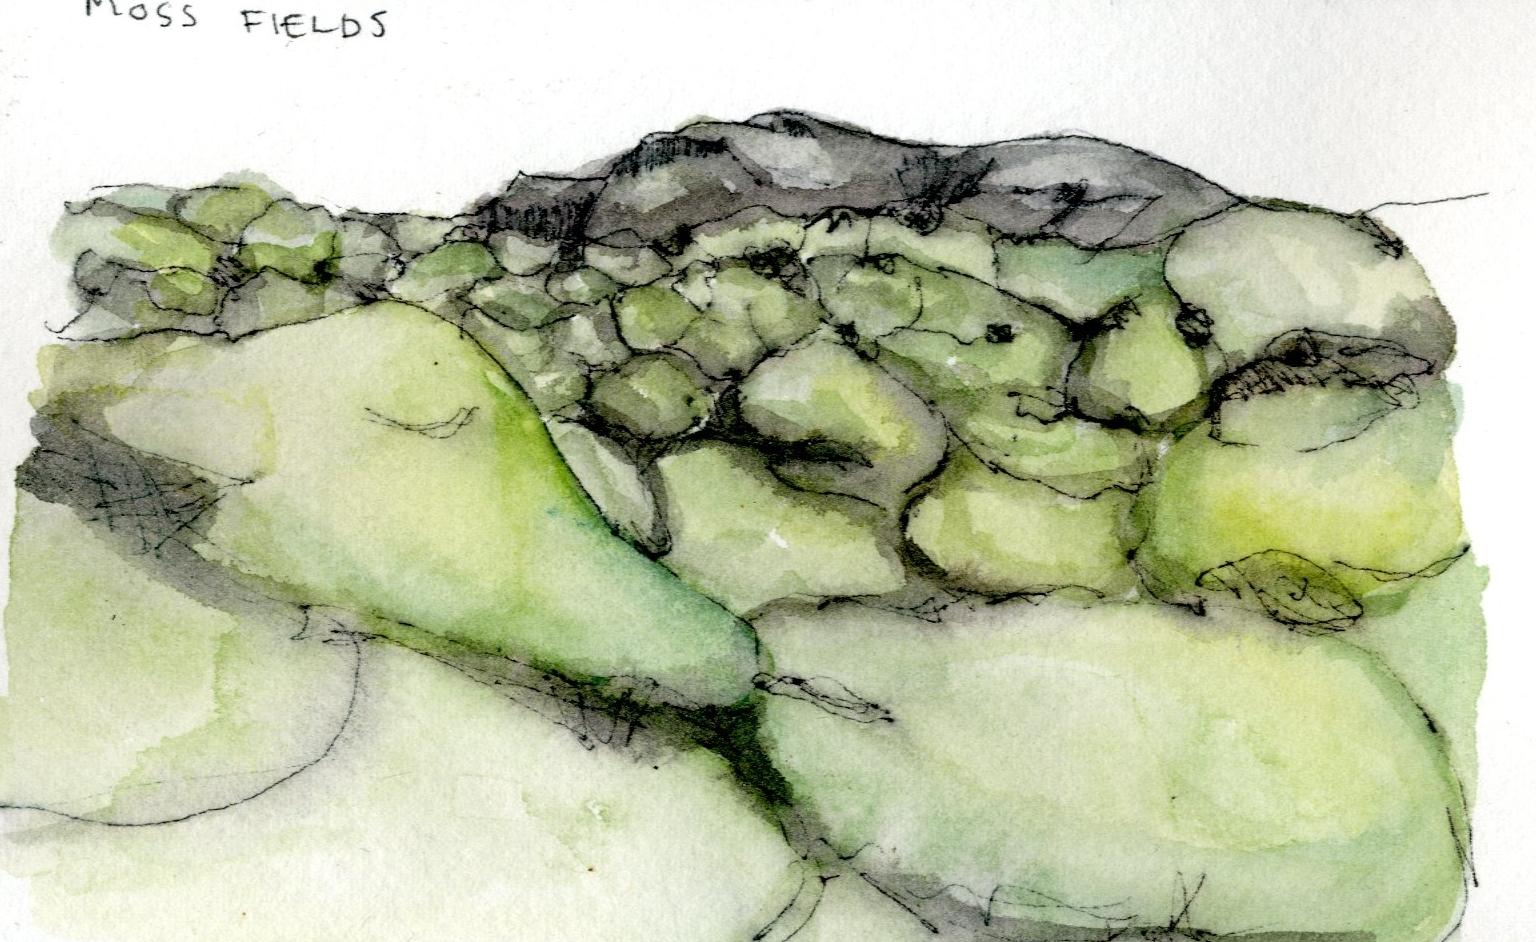 Moss Fields.jpg